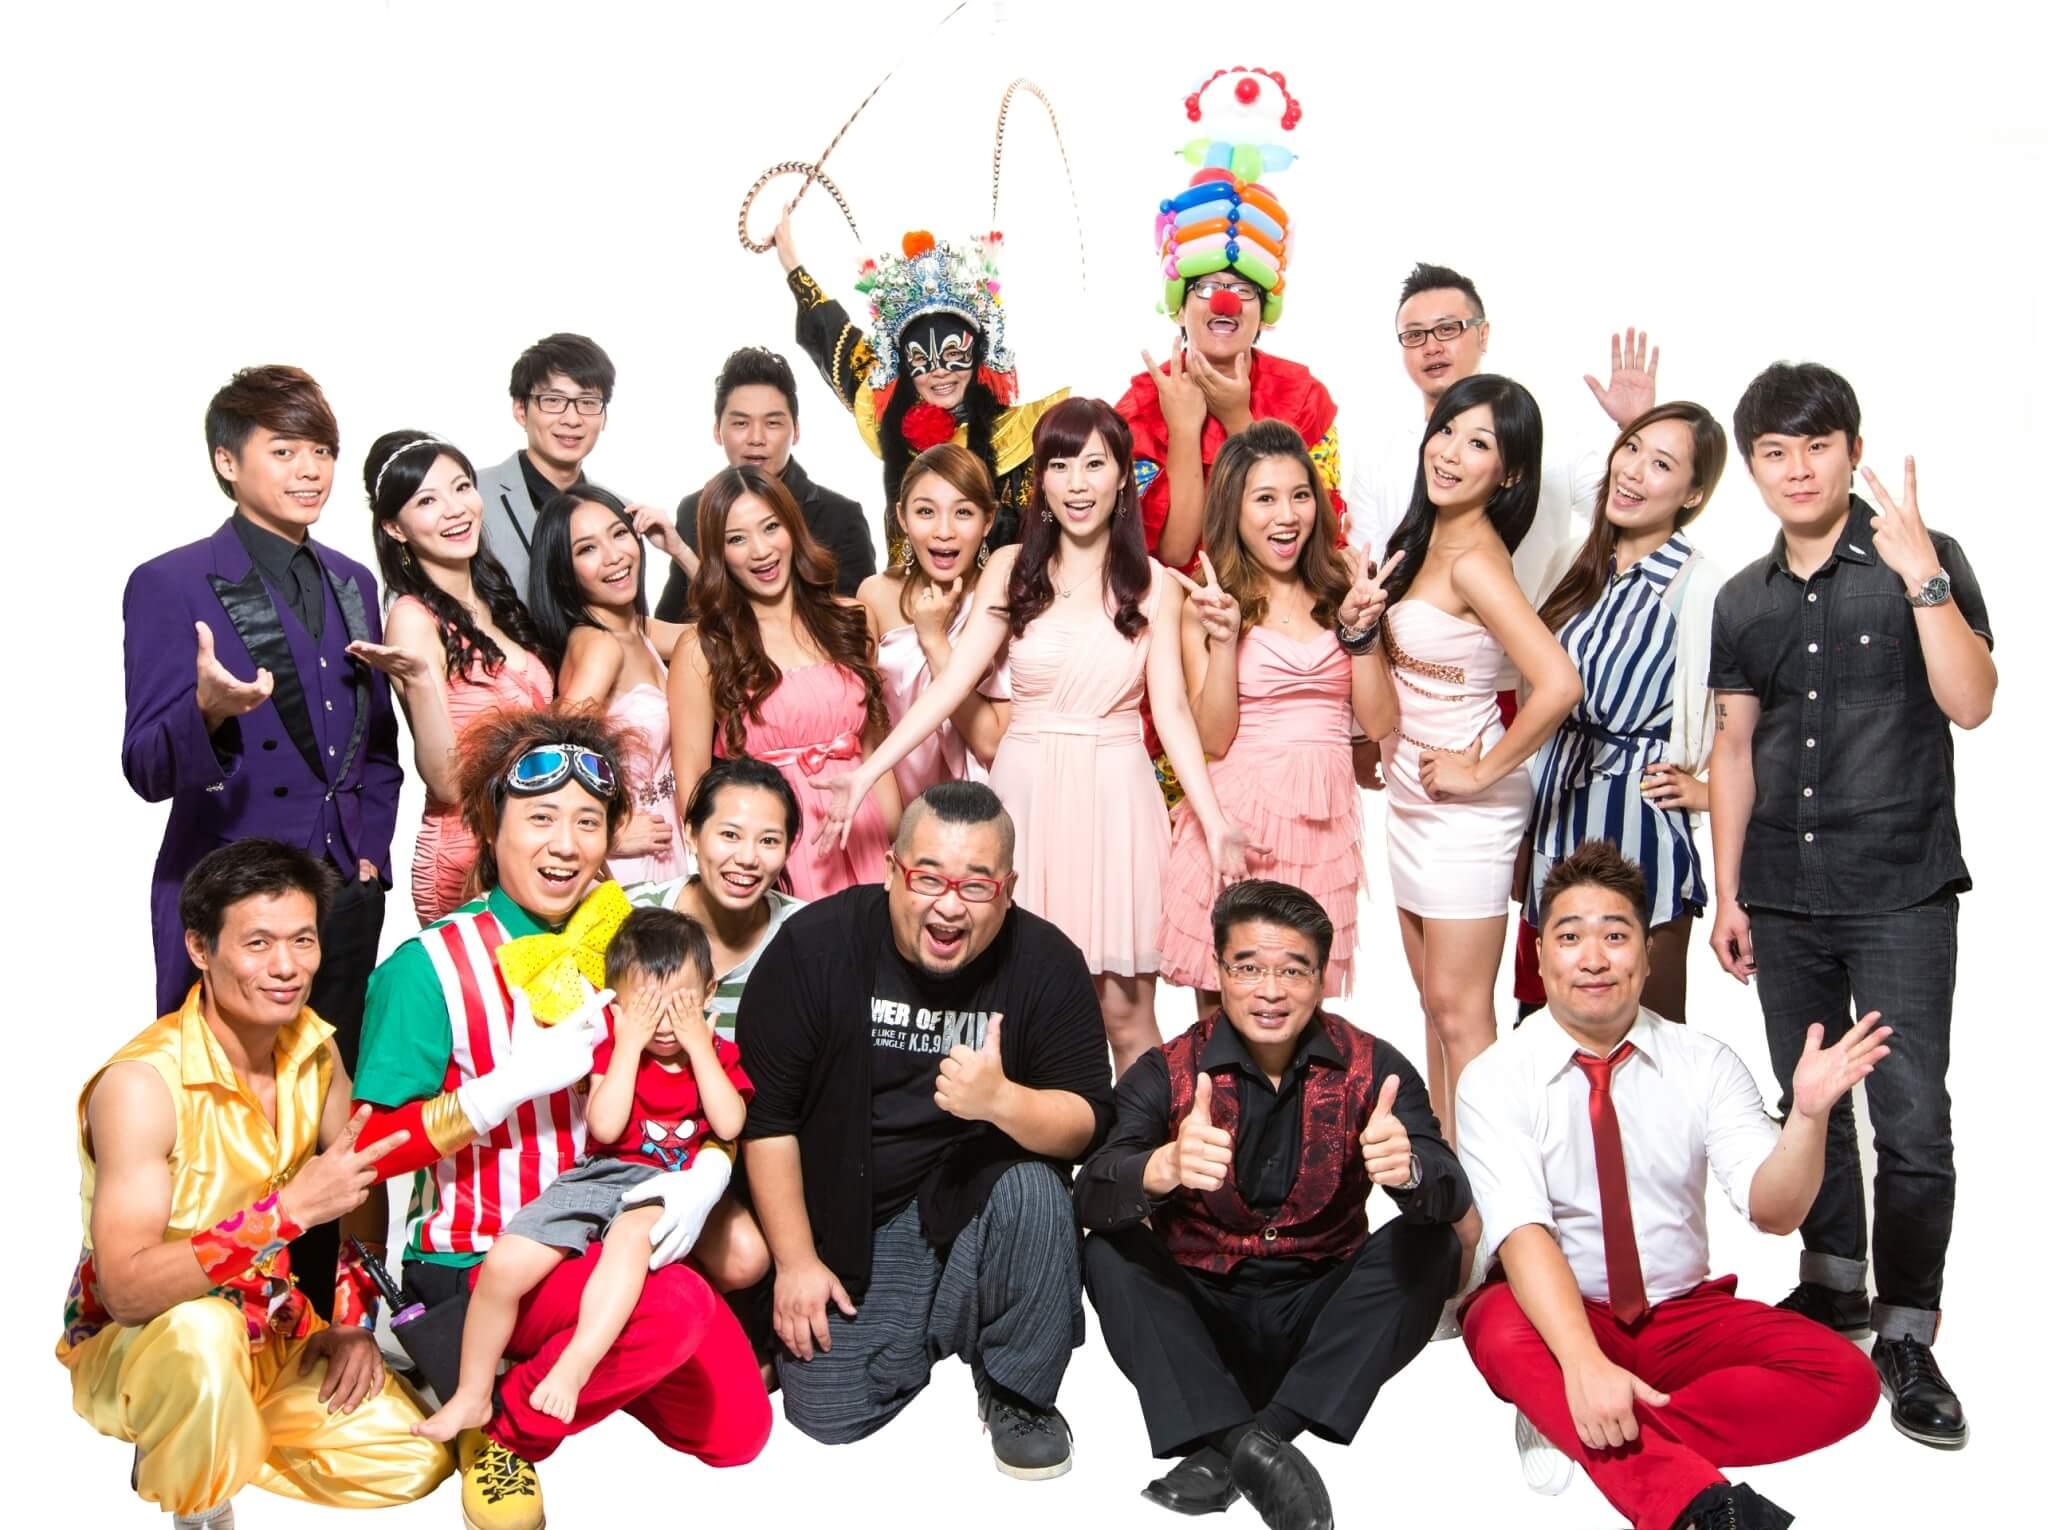 尾牙春酒活動/表演 - 企業家庭日/運動會 - 活動企劃 | 歡樂魔法國際行銷